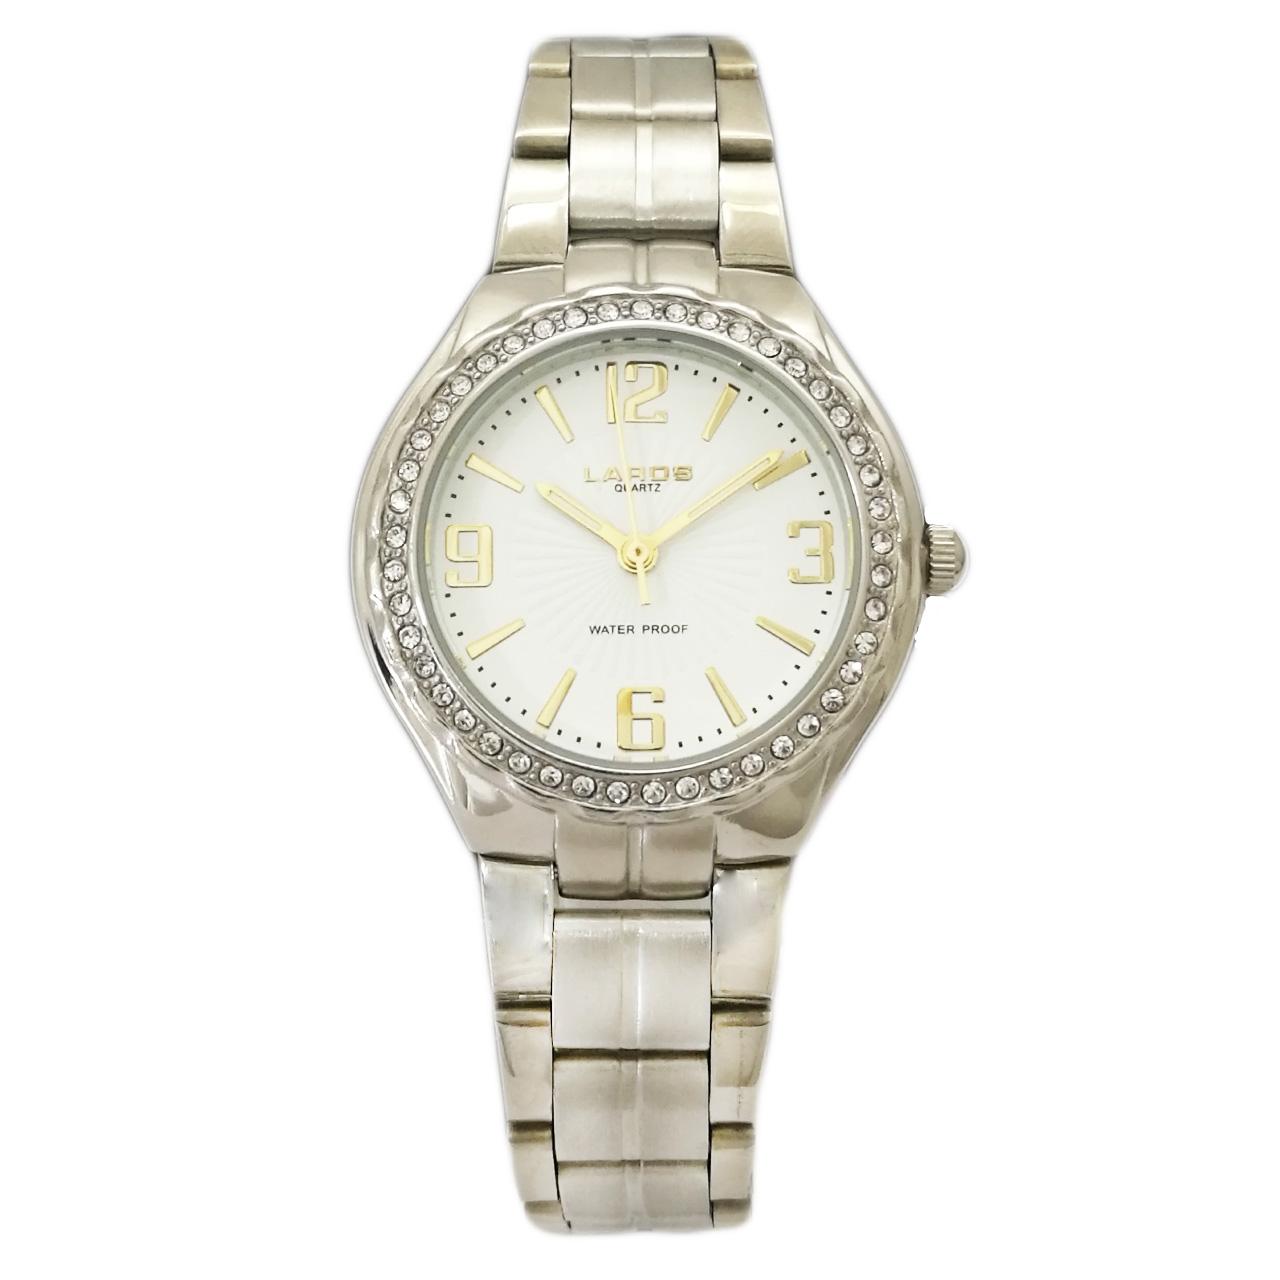 خرید ساعت مچی عقربه ای زنانه  لاروس مدل 0717-80016